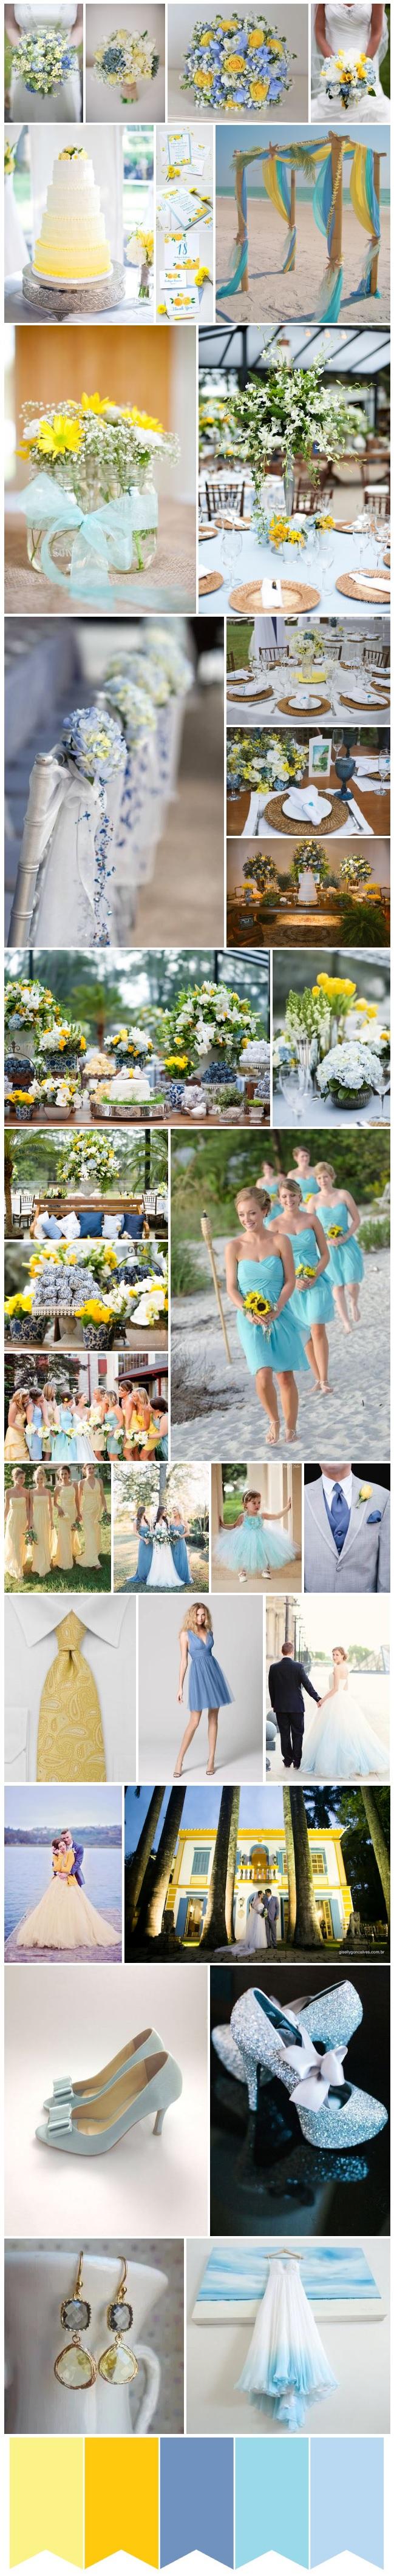 paleta_casamento_amarelo_azul_casacomidaeroupaespalhada_pontocom